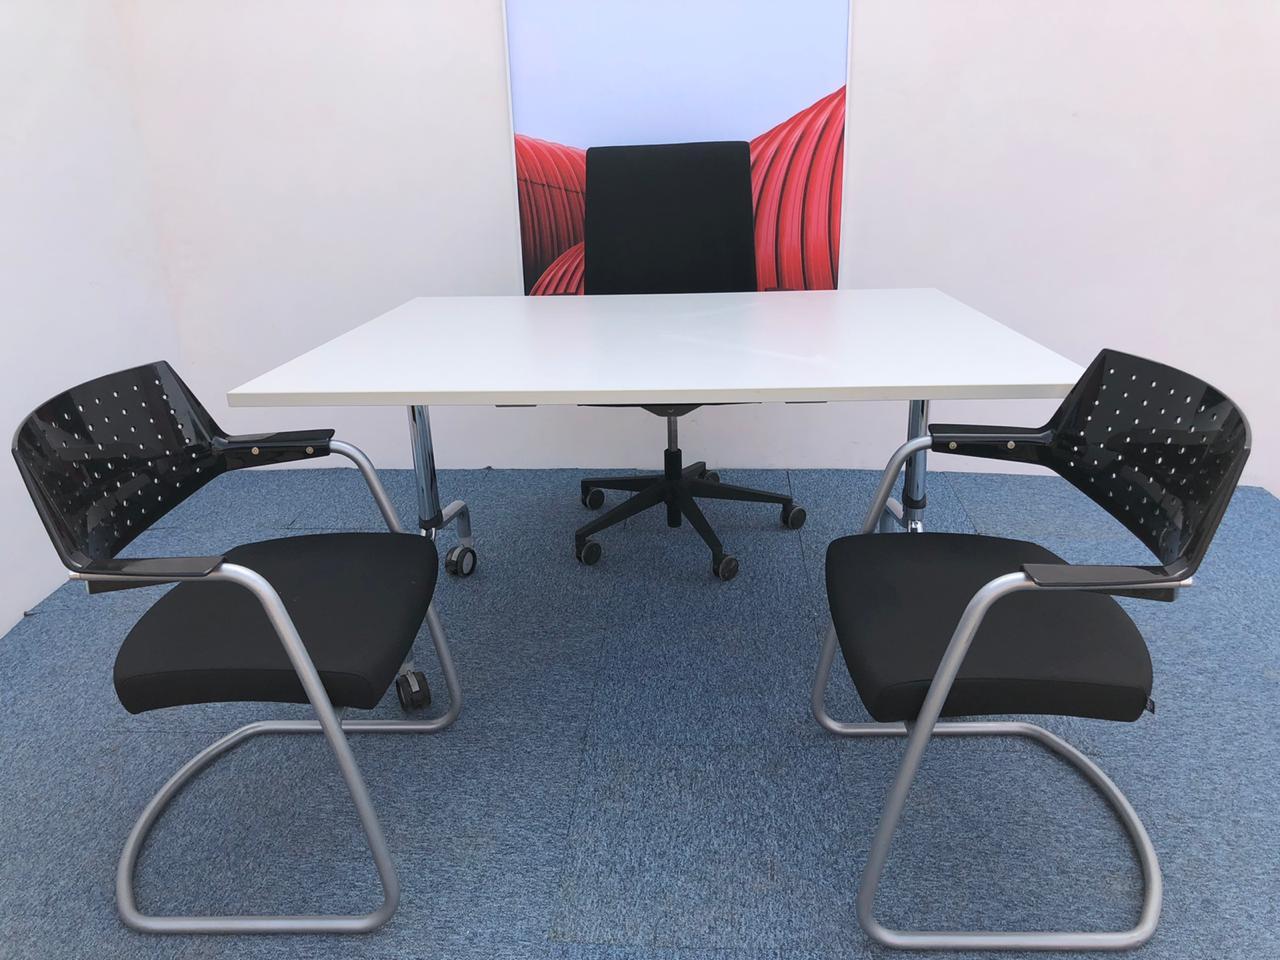 Table pliante avec roulette 80x160cm